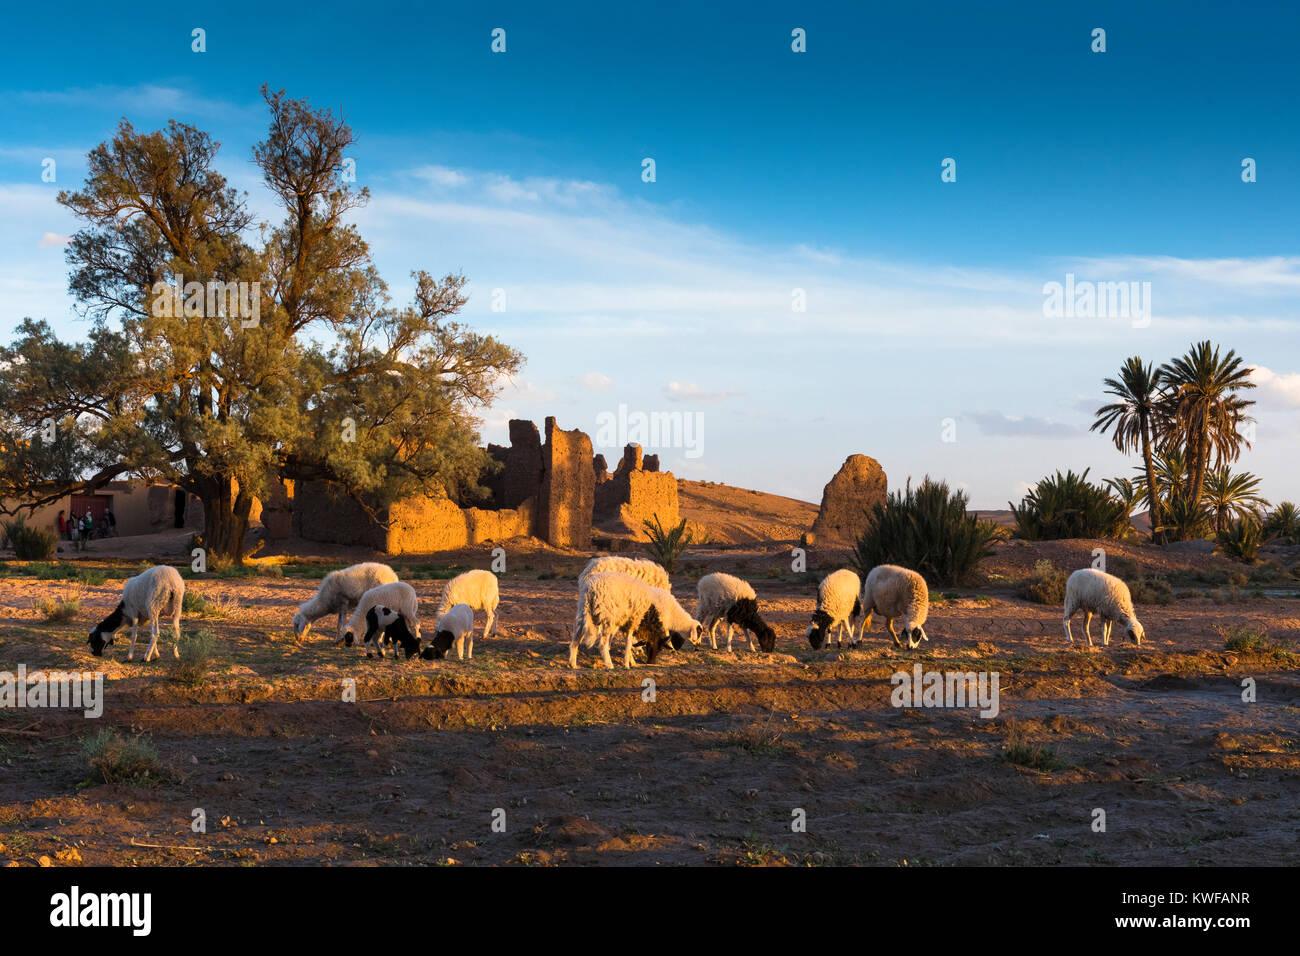 Schafe weiden in der idyllischen Umgebung von Kasbah bei Sonnenuntergang. Stockbild